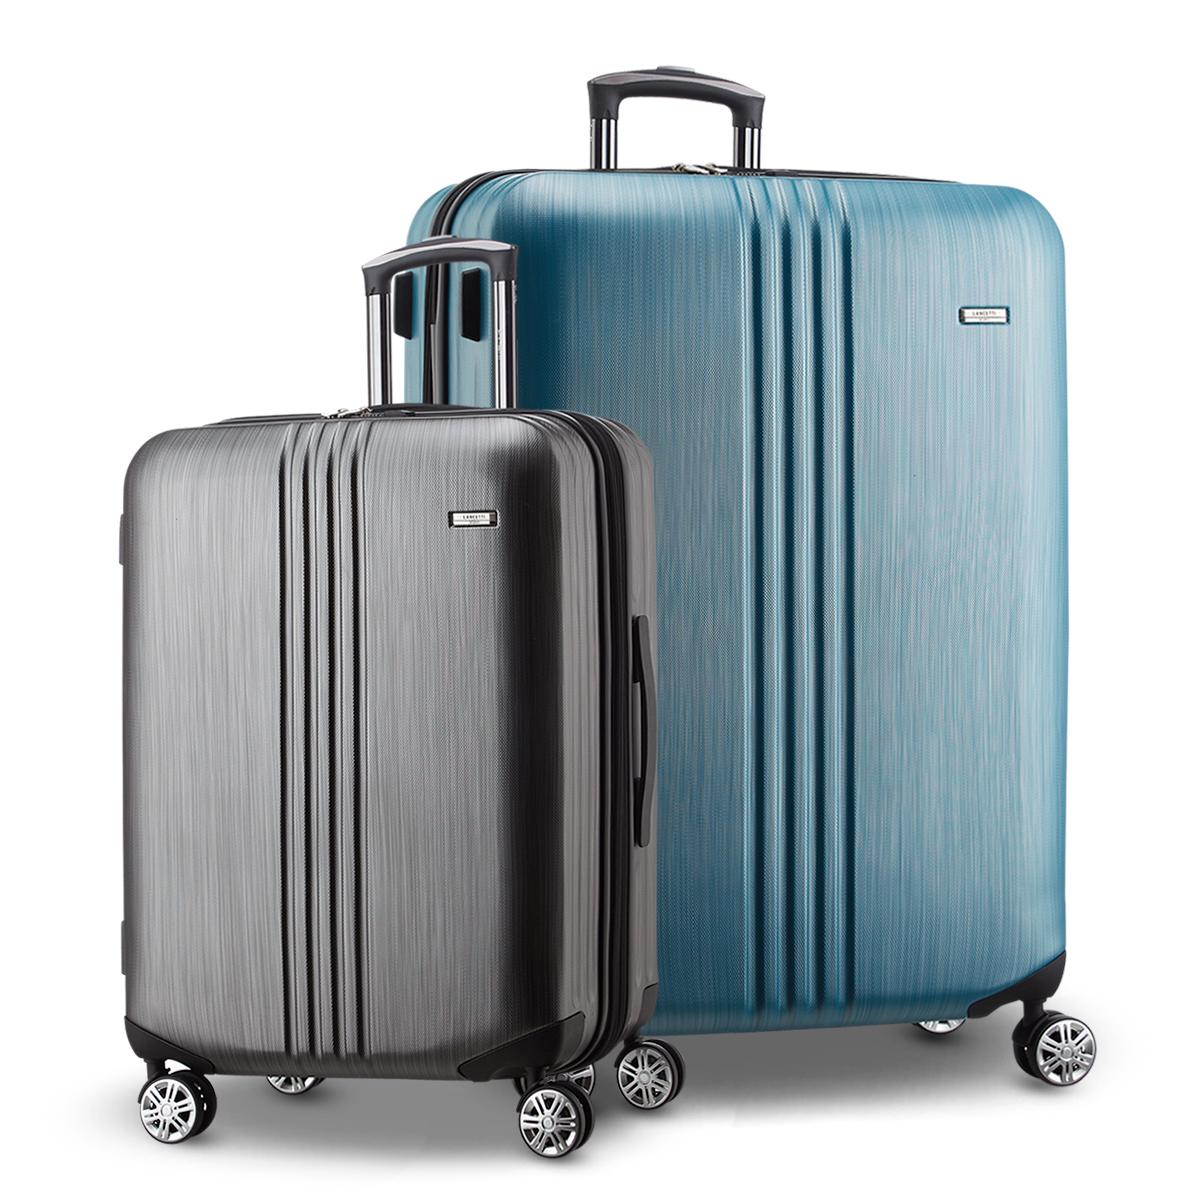 란체티 LD-14013 20인치+28인치 세트 캐리어 여행가방 하드캐리어